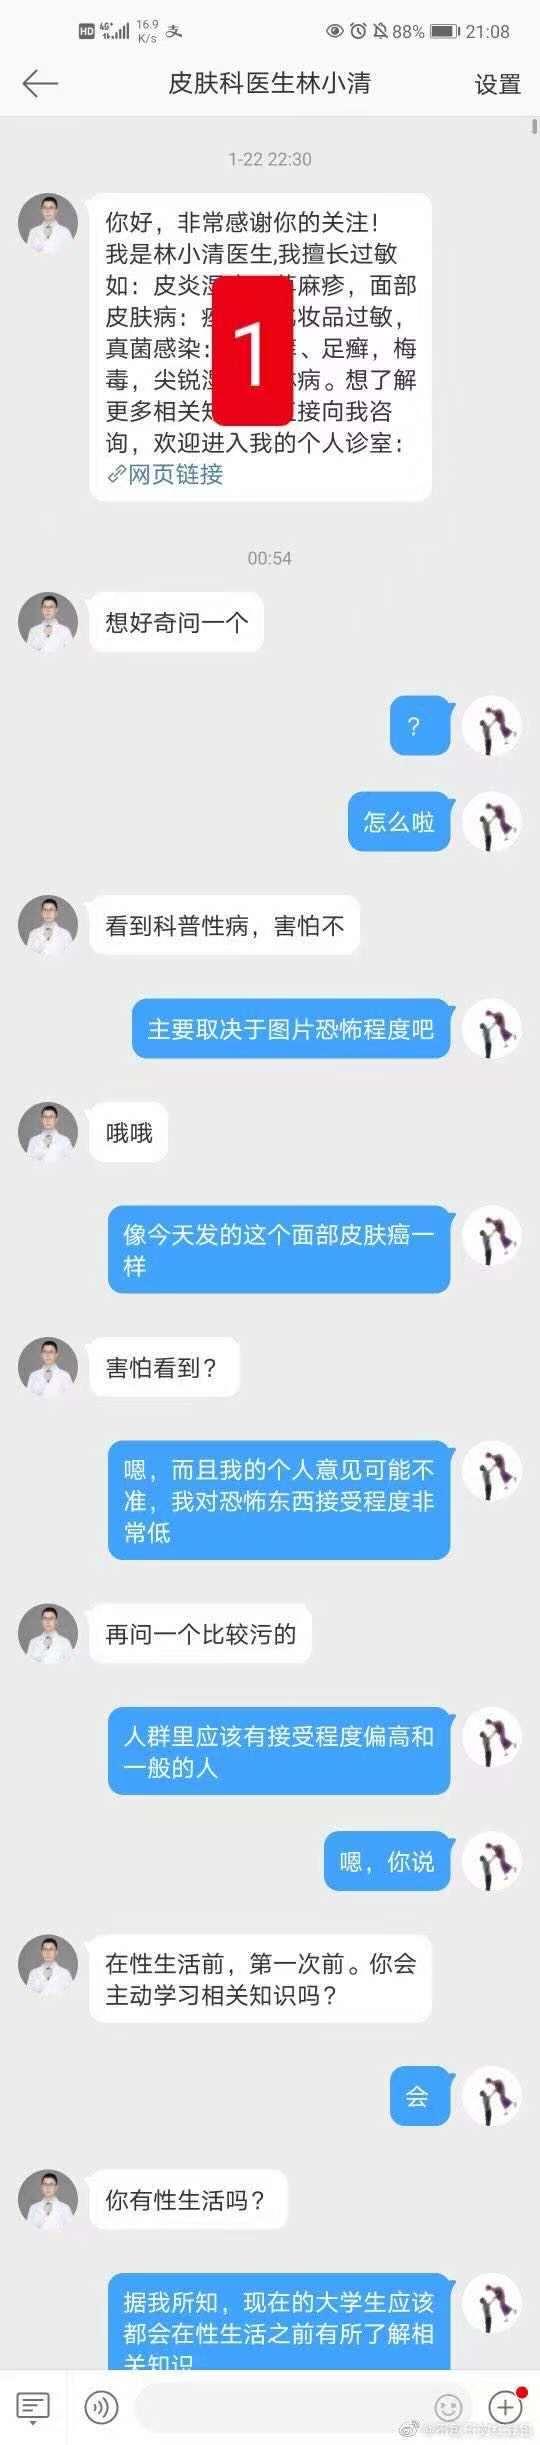 """""""不包子的红豆包""""在微博晒出两人的第一次聊天截图 图片来源:微博"""